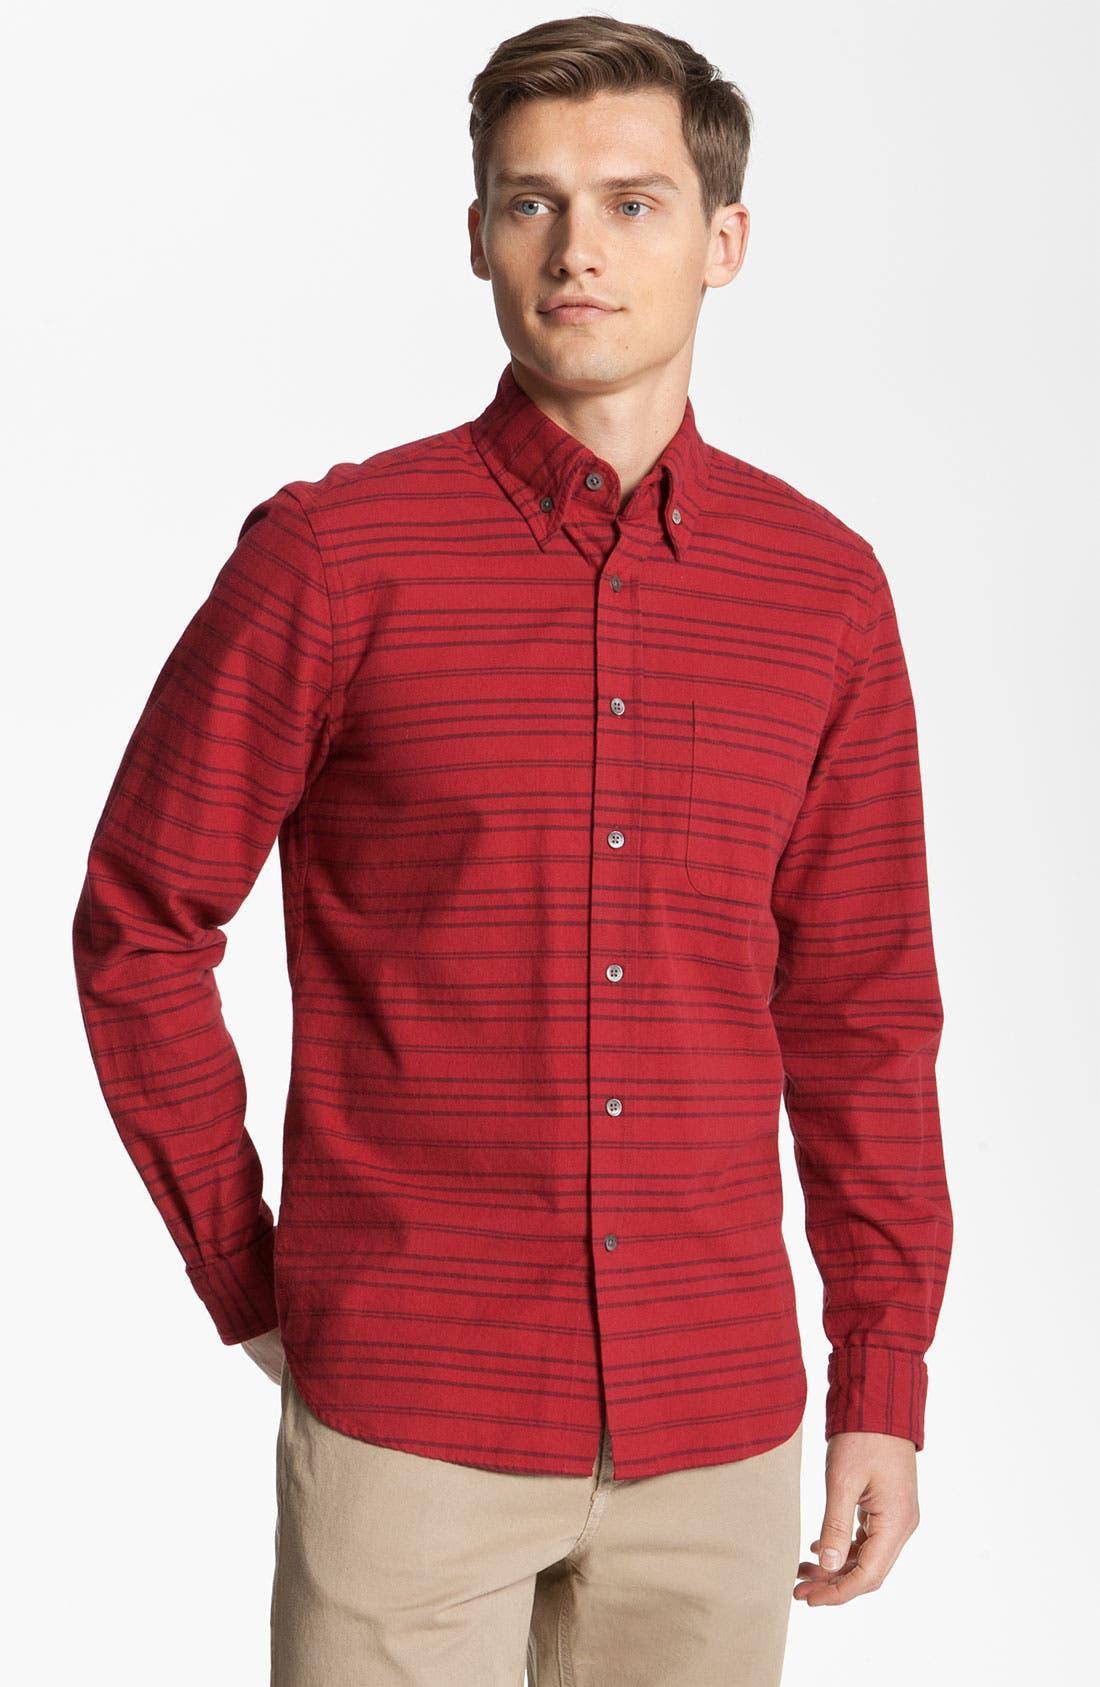 Alternate Image 1 Selected - Steven Alan 'Collegiate' Stripe Woven Shirt